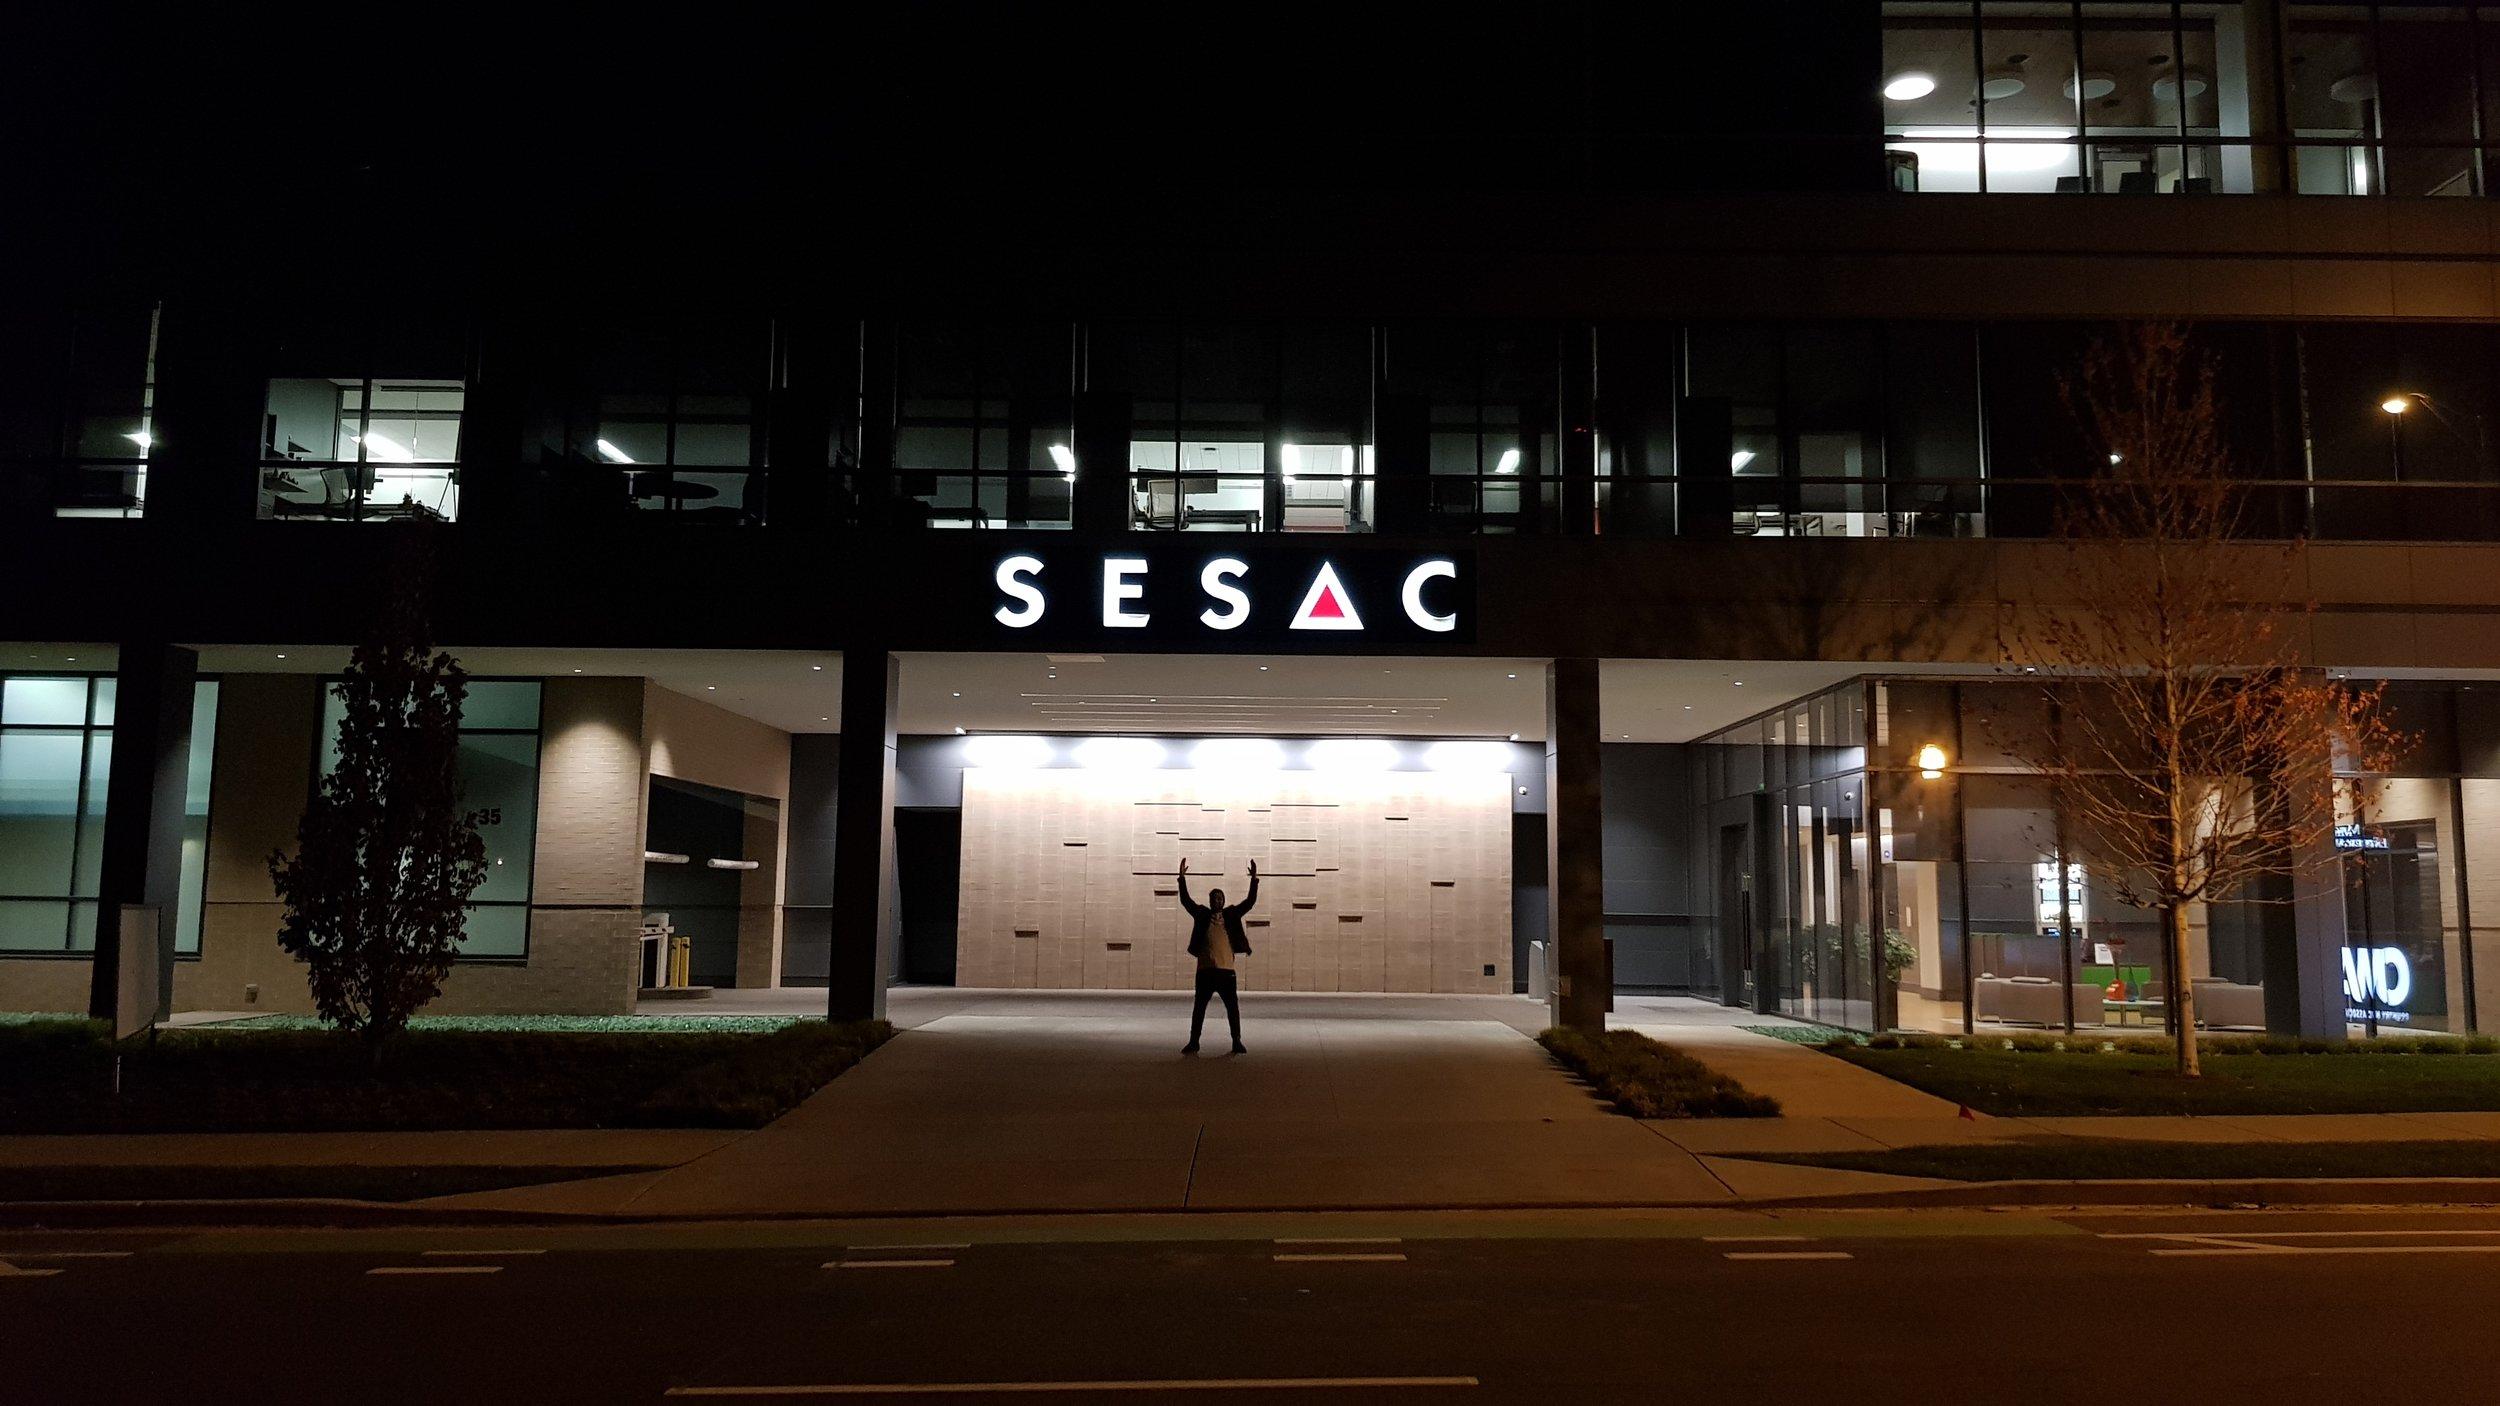 Reppin' SESAC